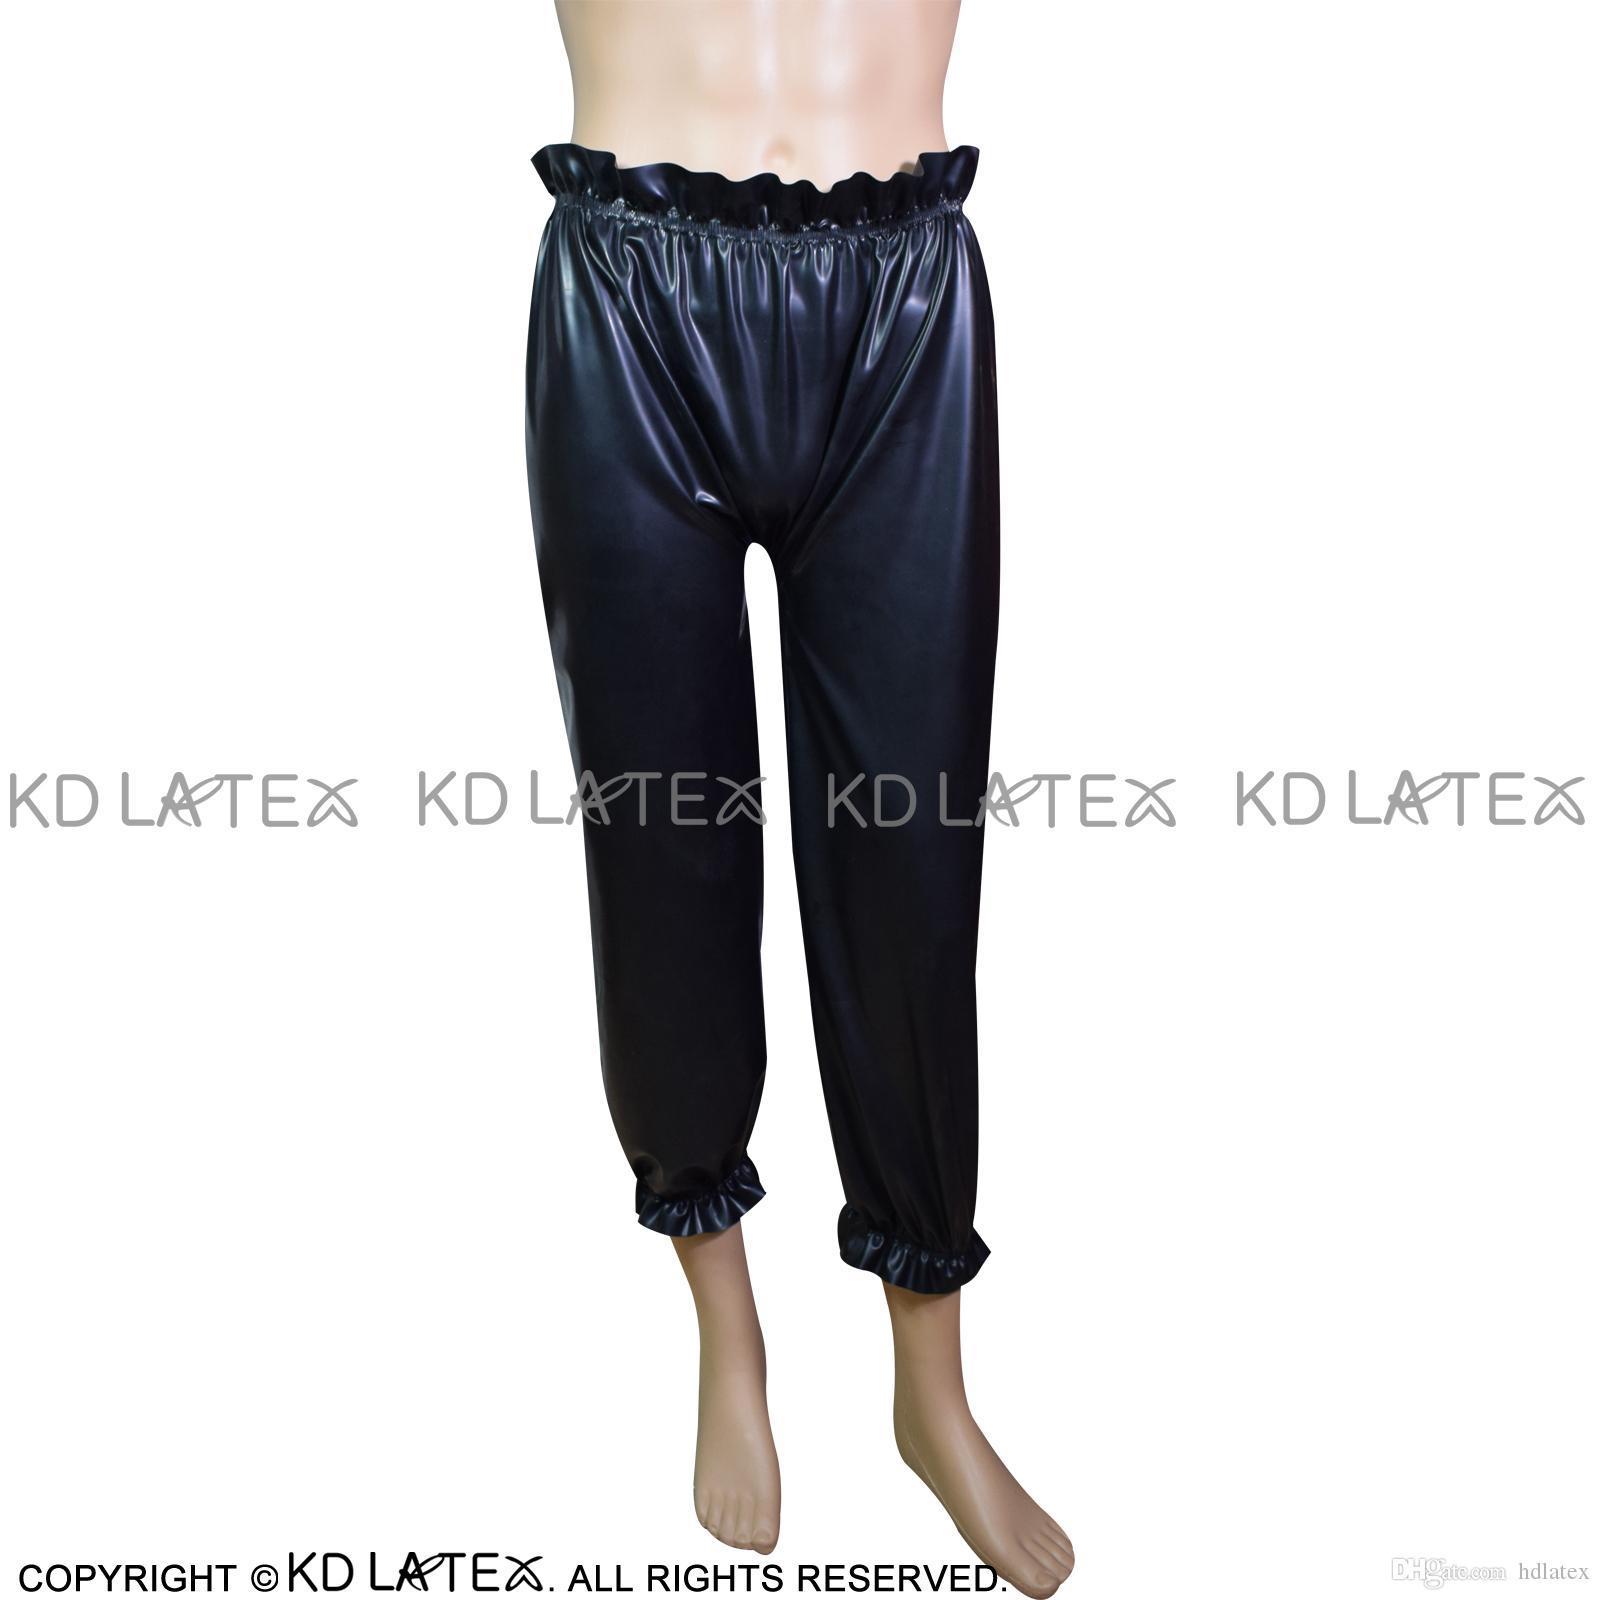 74f9b4683 Pantalon noir sexy en latex avec bande élastique Bloomers Pantaloons avec  volants Leggings en caoutchouc Pantalons Bas Plus Size 0023